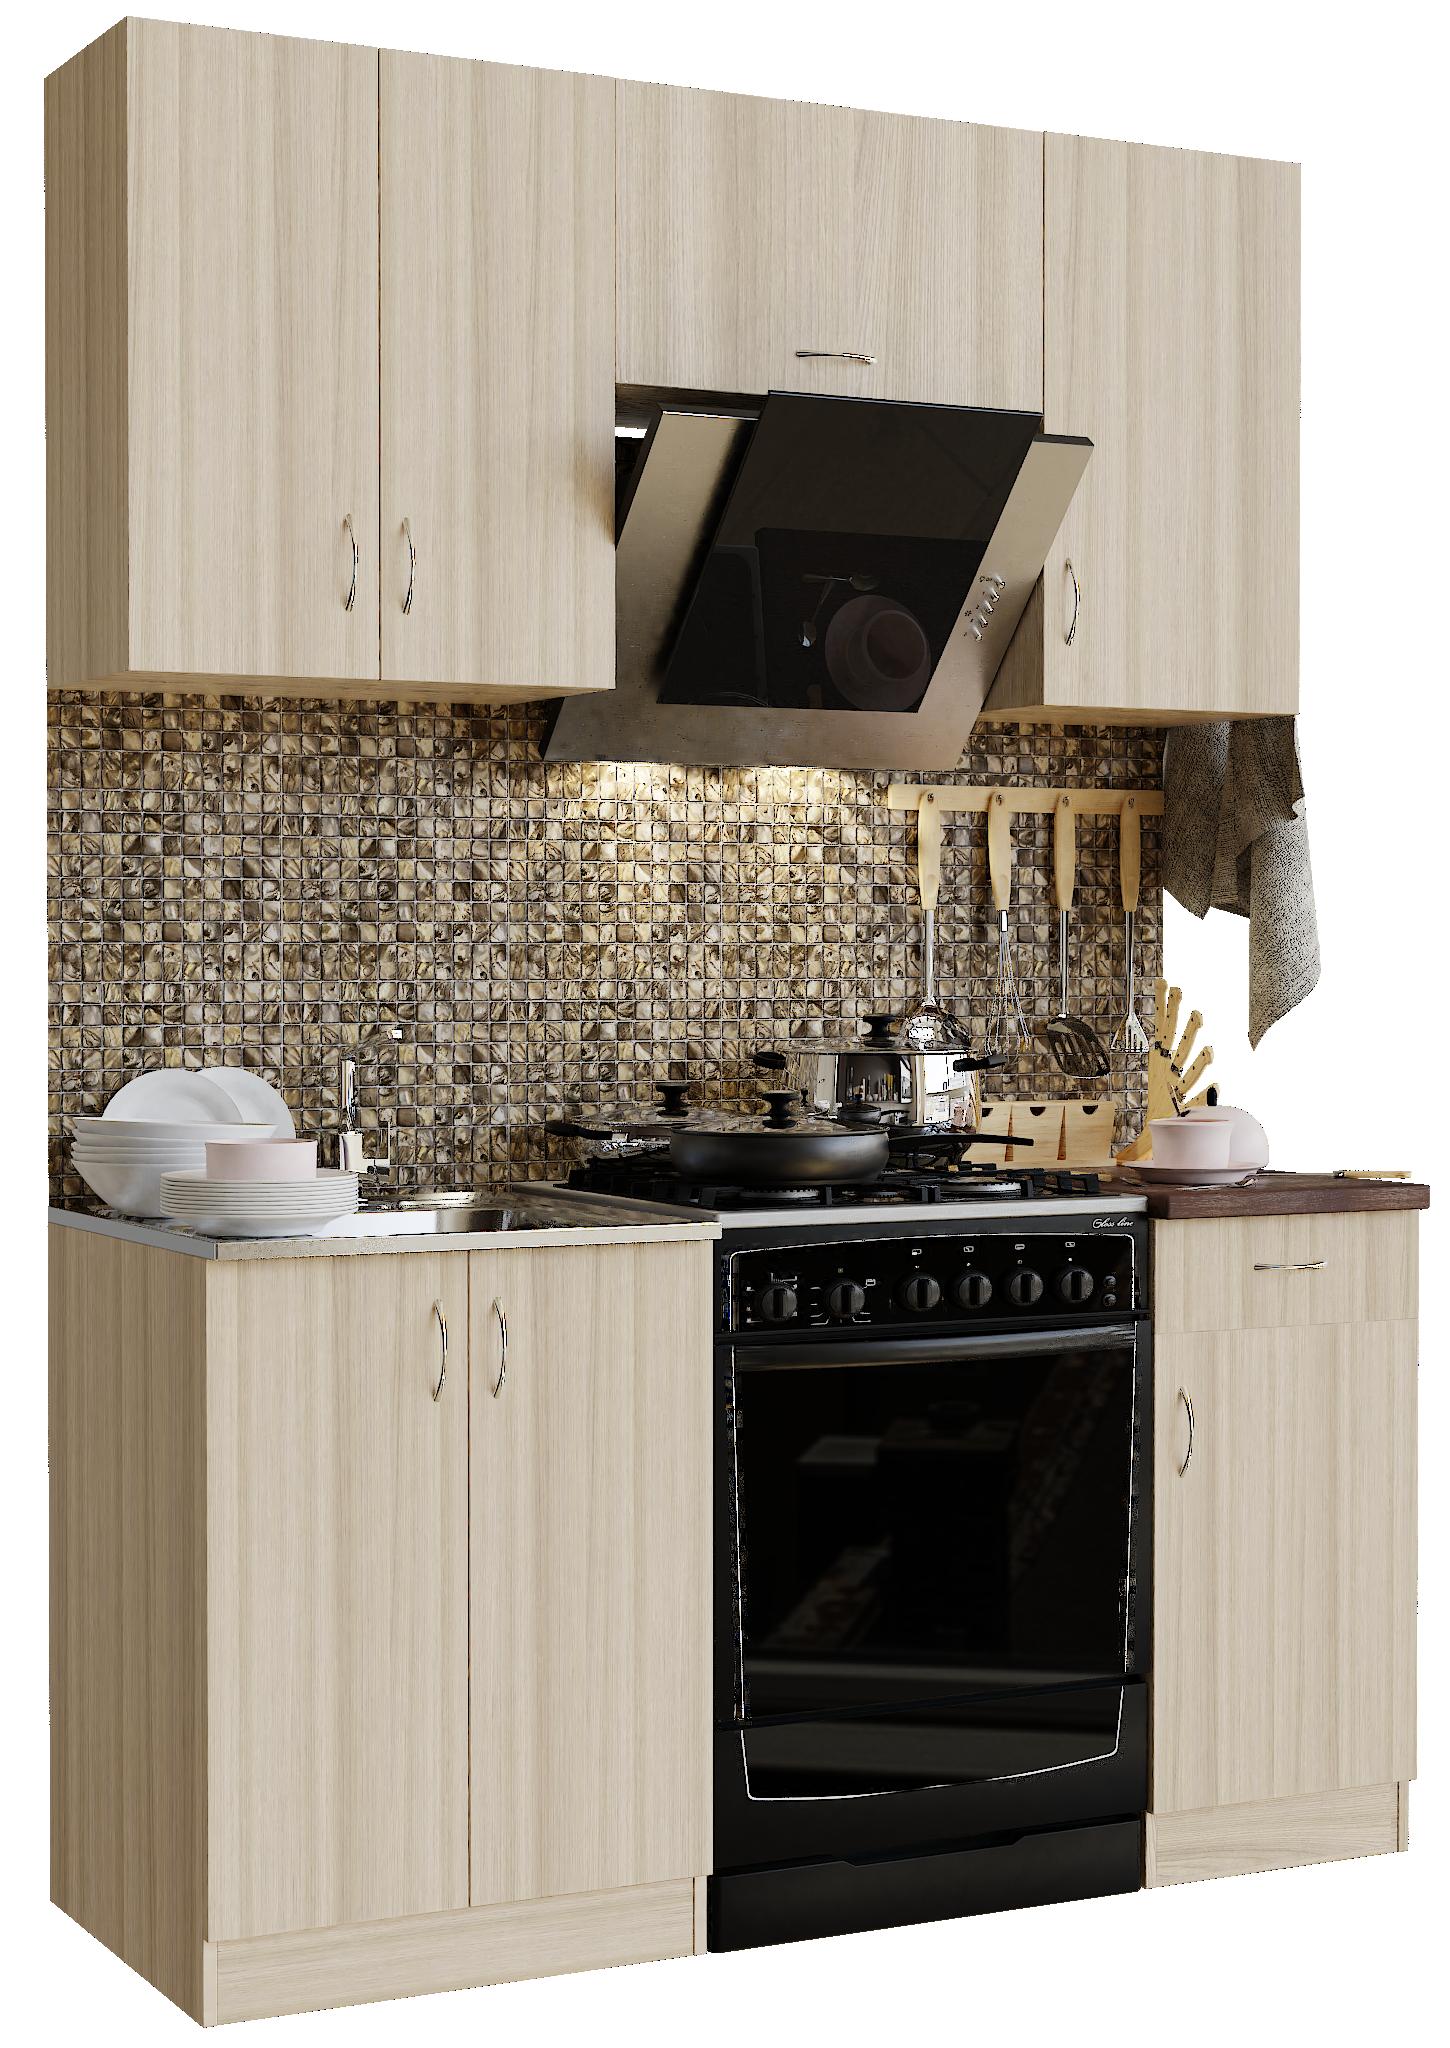 Кухонный гарнитур Sanvut ГК1600-1.1.1 Шимо светлый